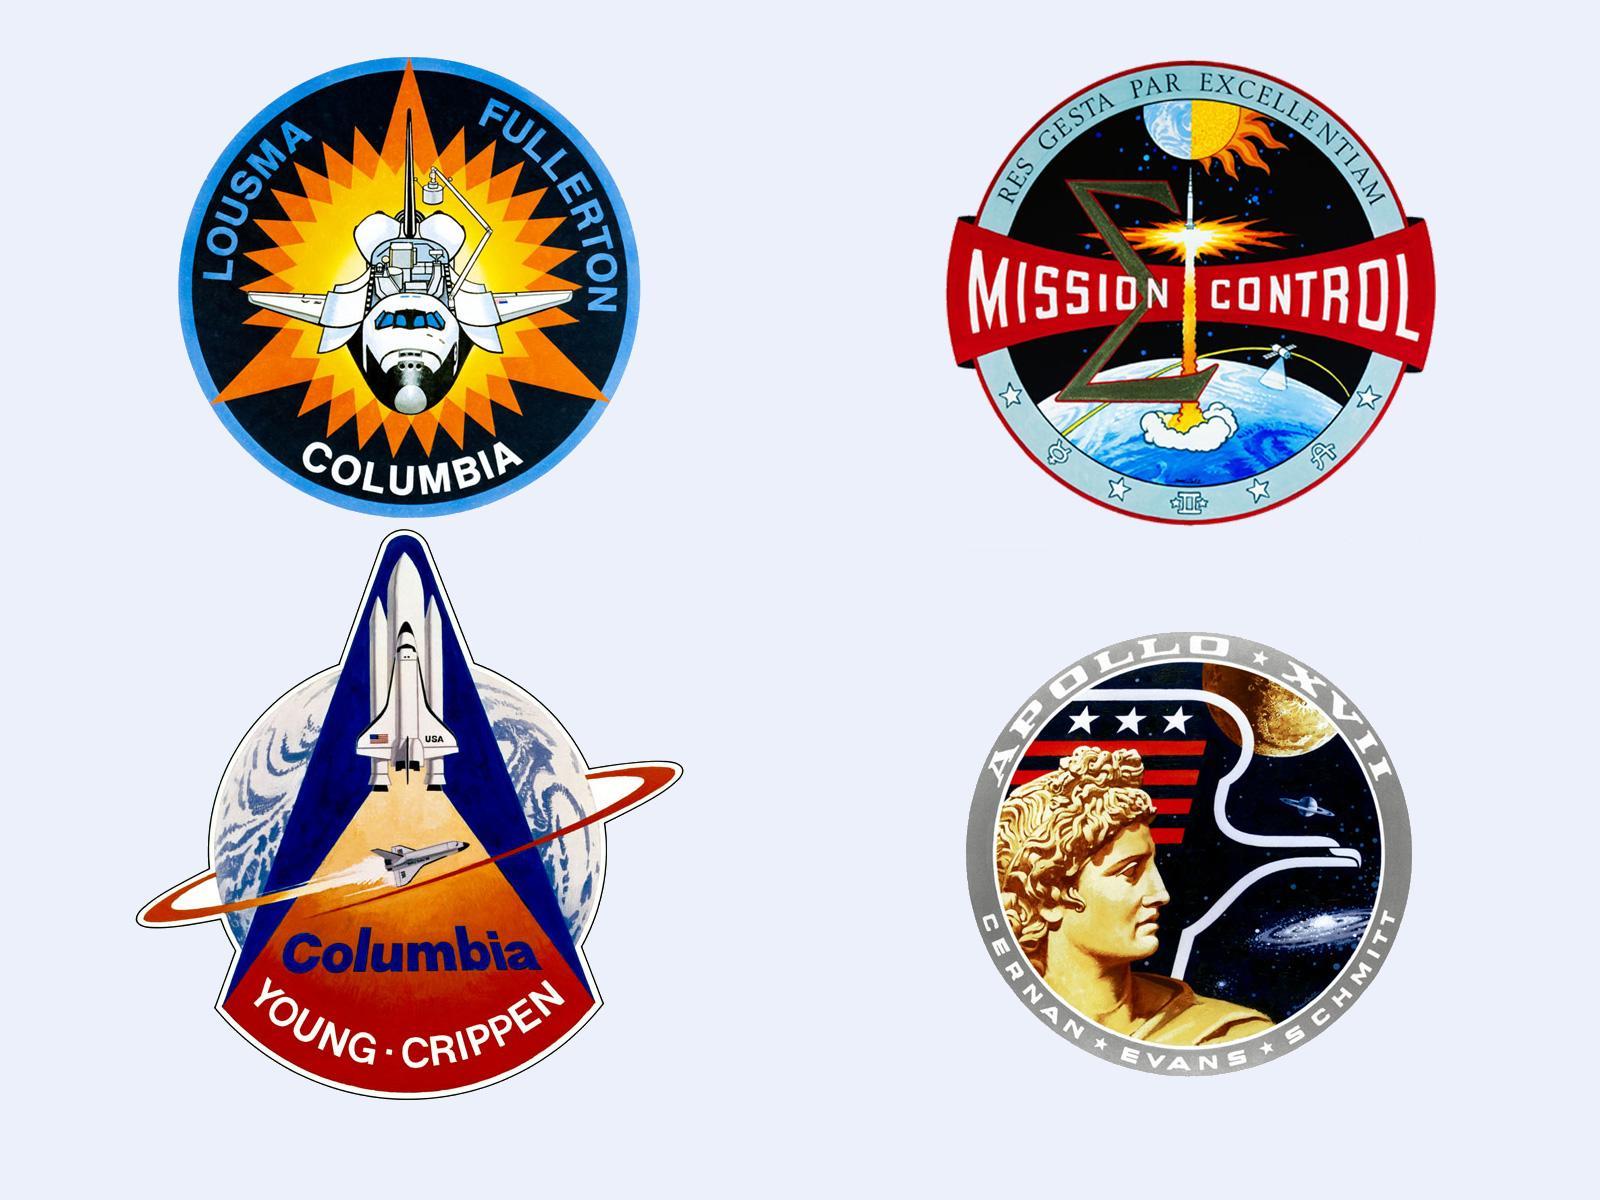 nasa flight insignia - photo #22